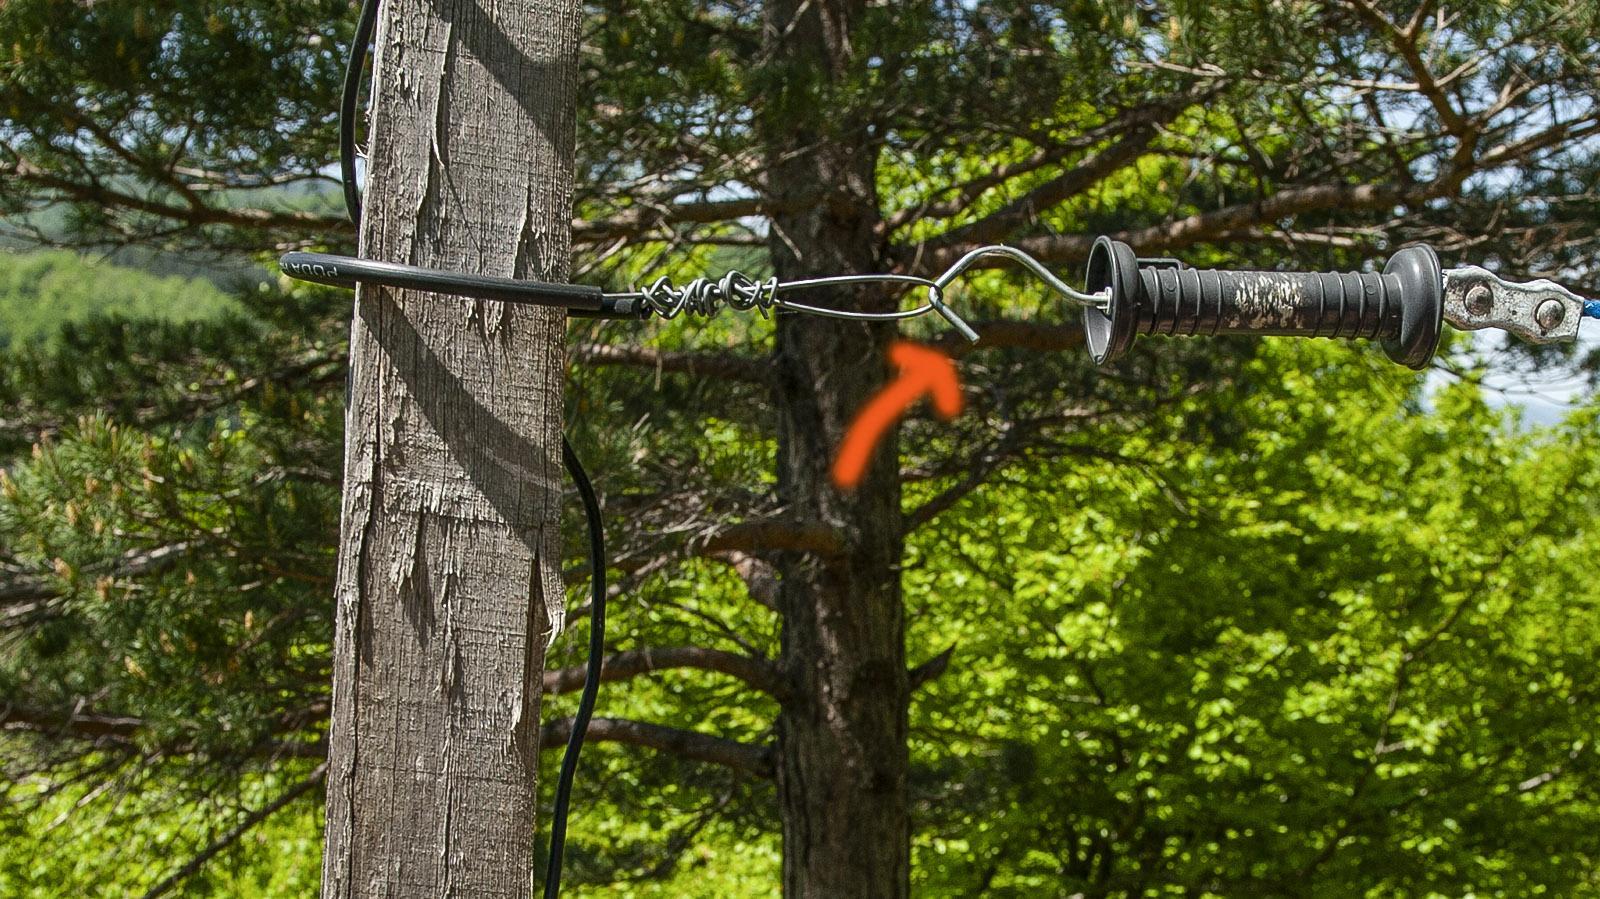 Pech de Bugarach: Öffnet die elektrischen Zäune stets nur am Handgriff! Foto: Hilke Maunder